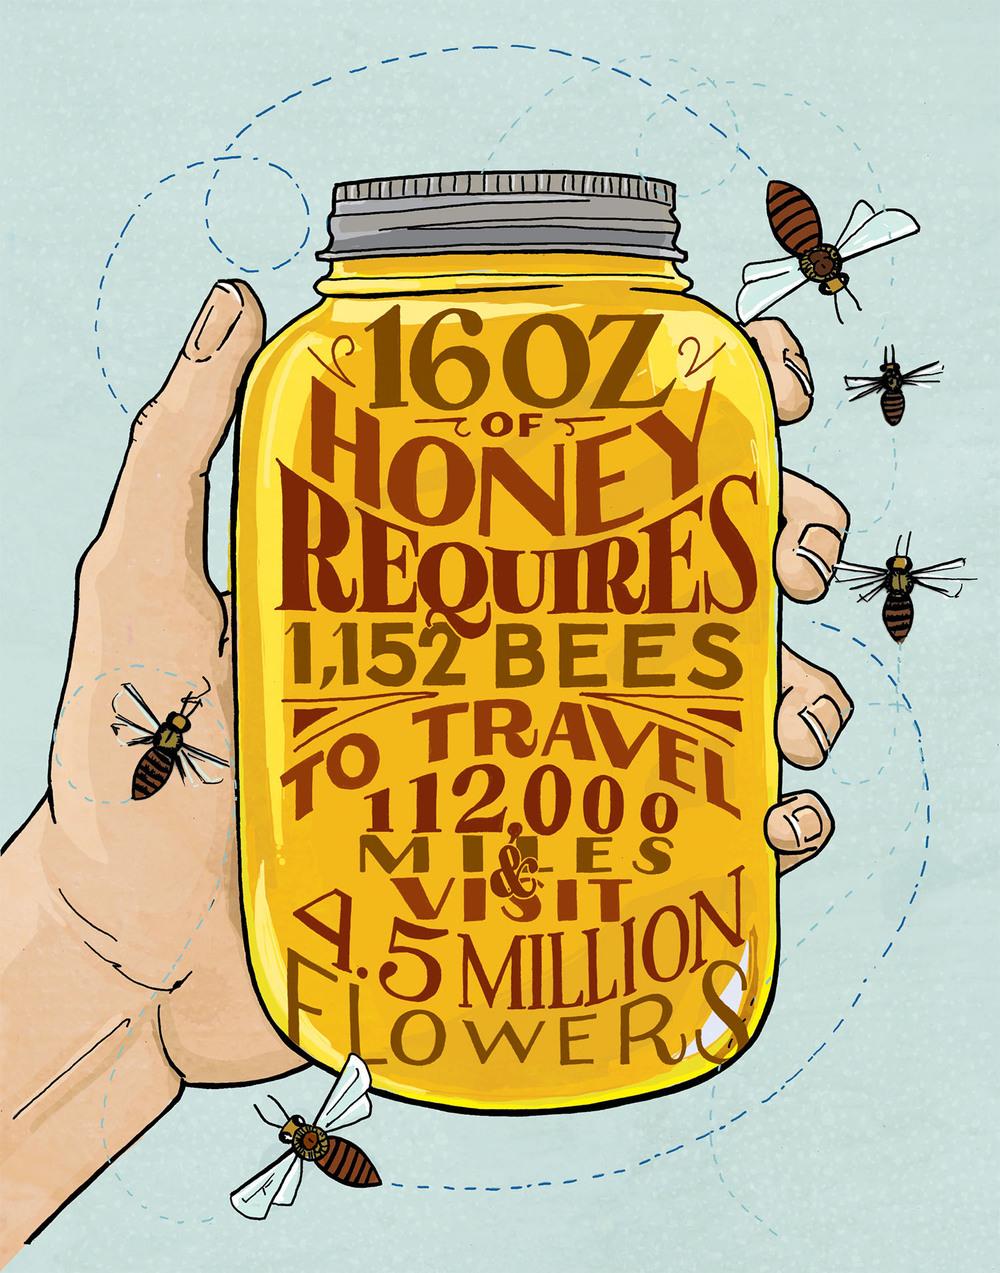 bees3.jpg